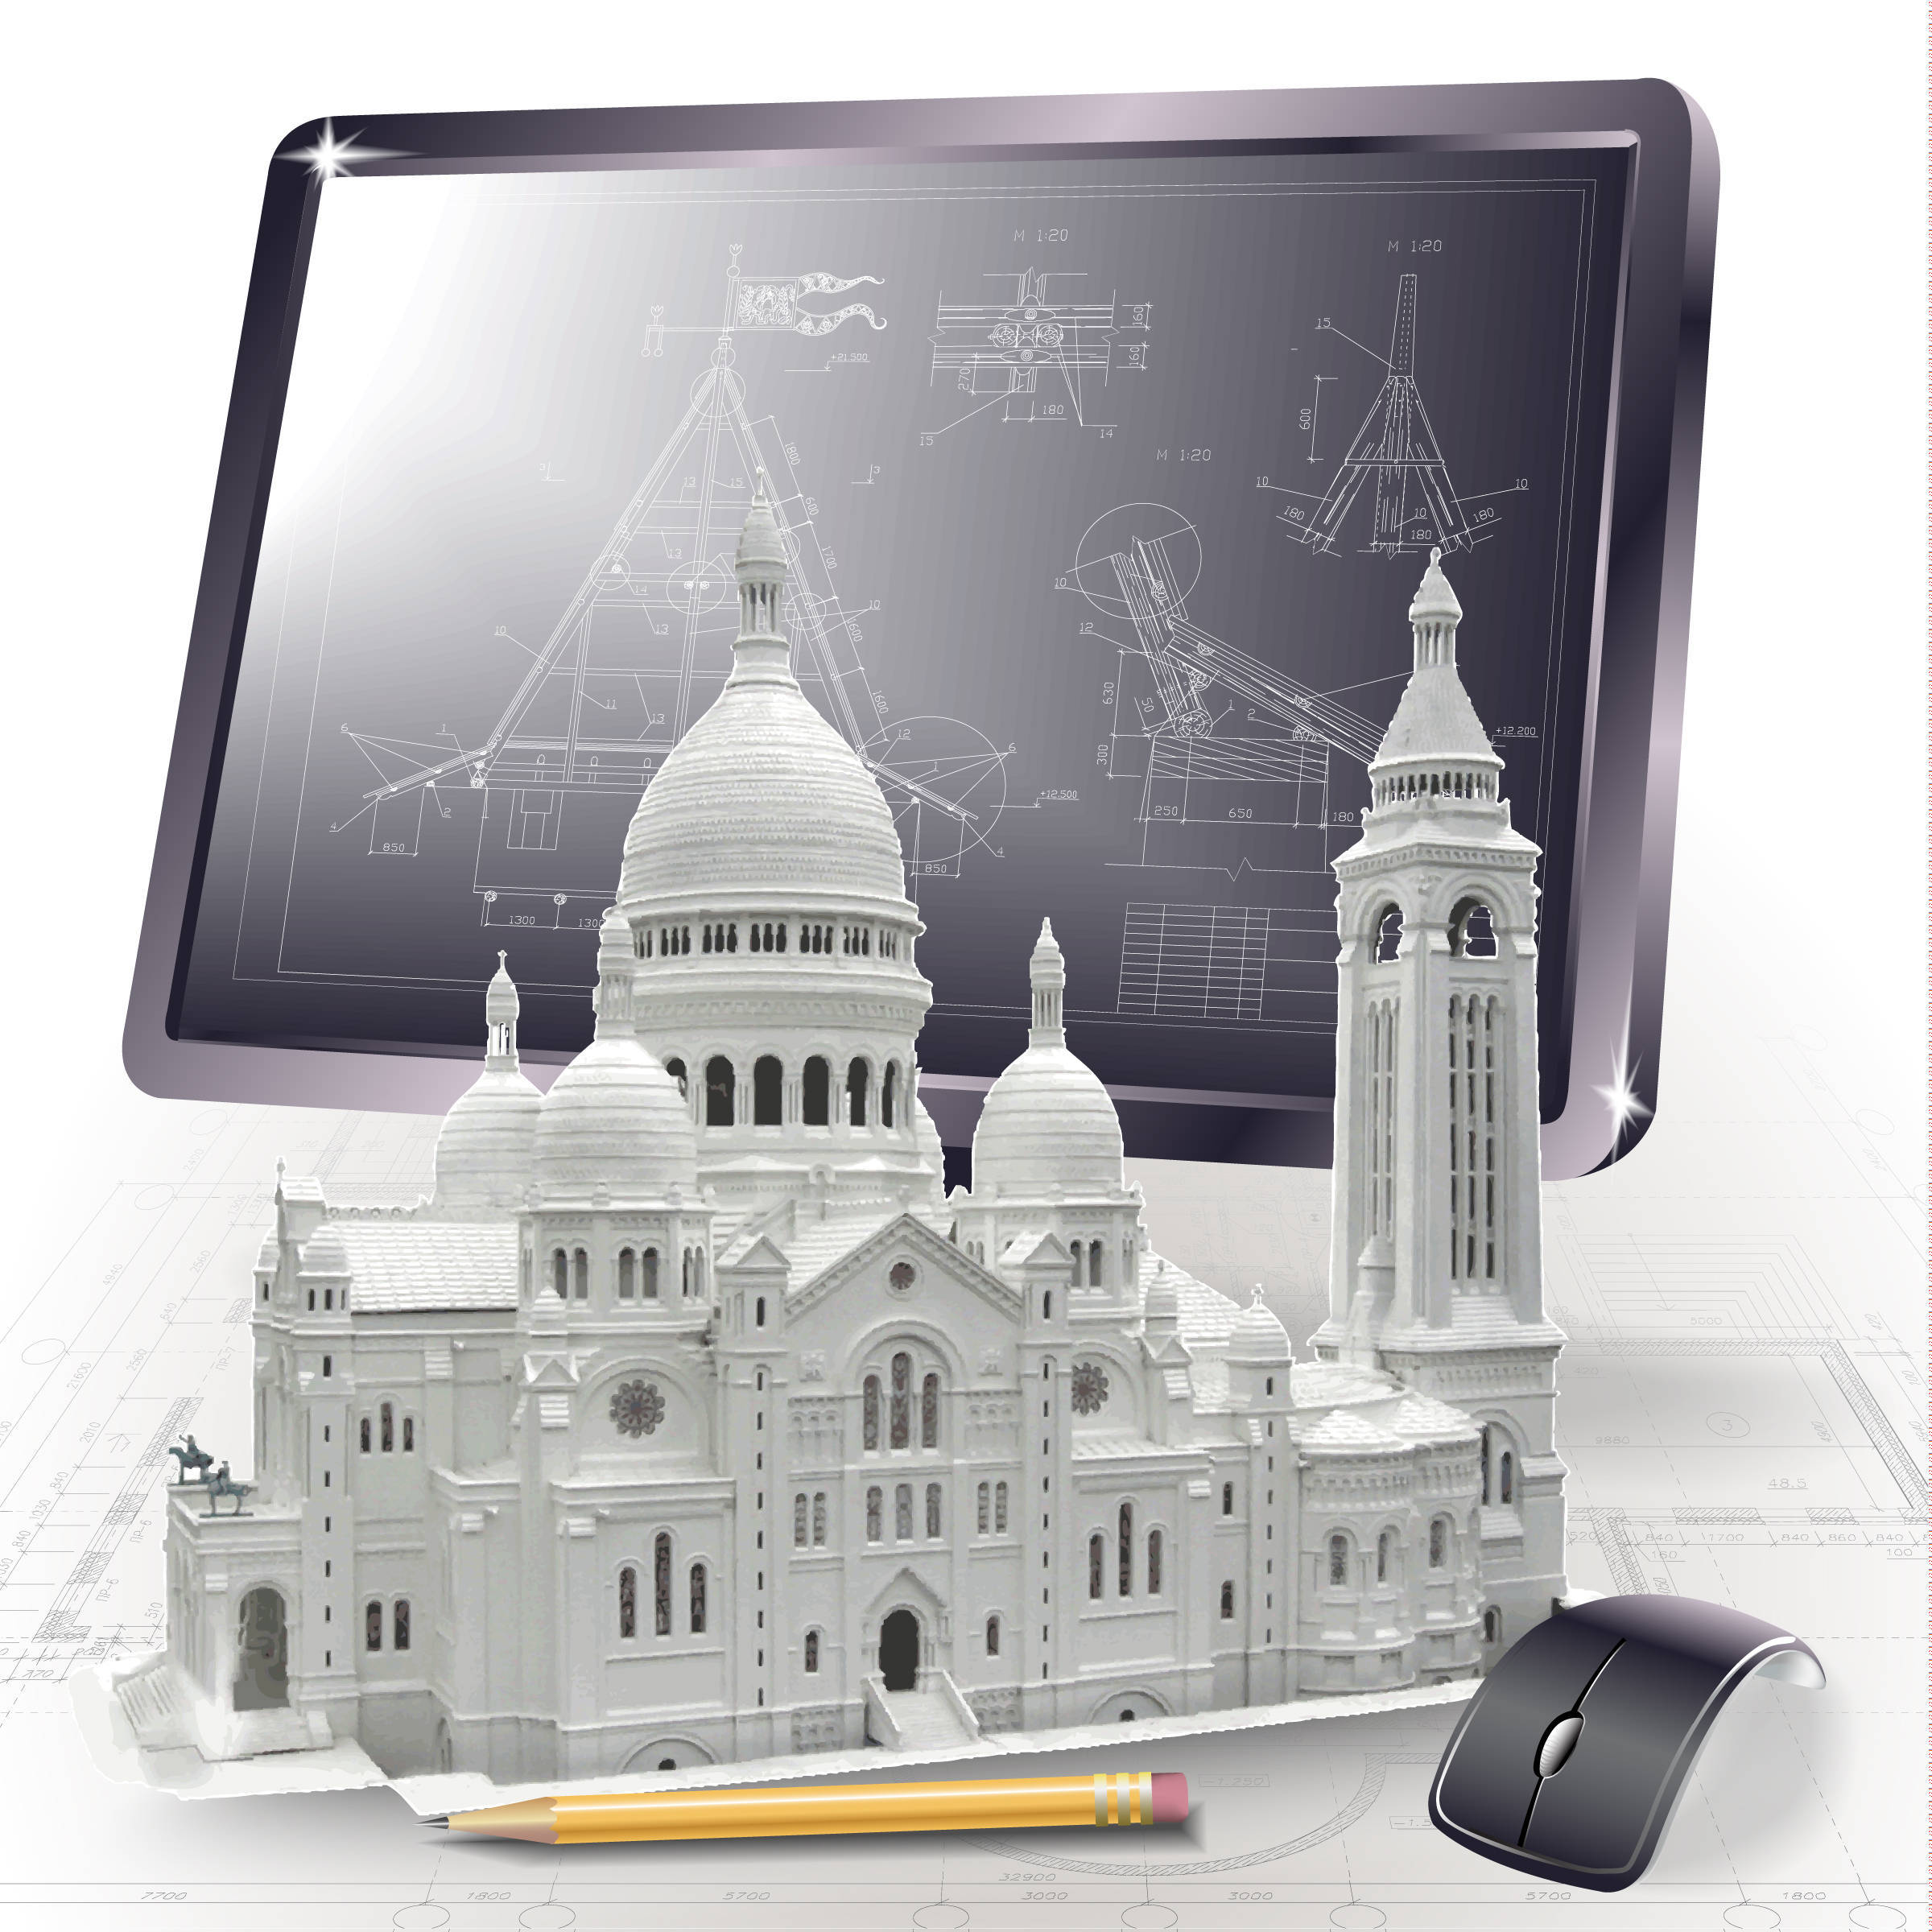 Patenta tus creaciones 3D